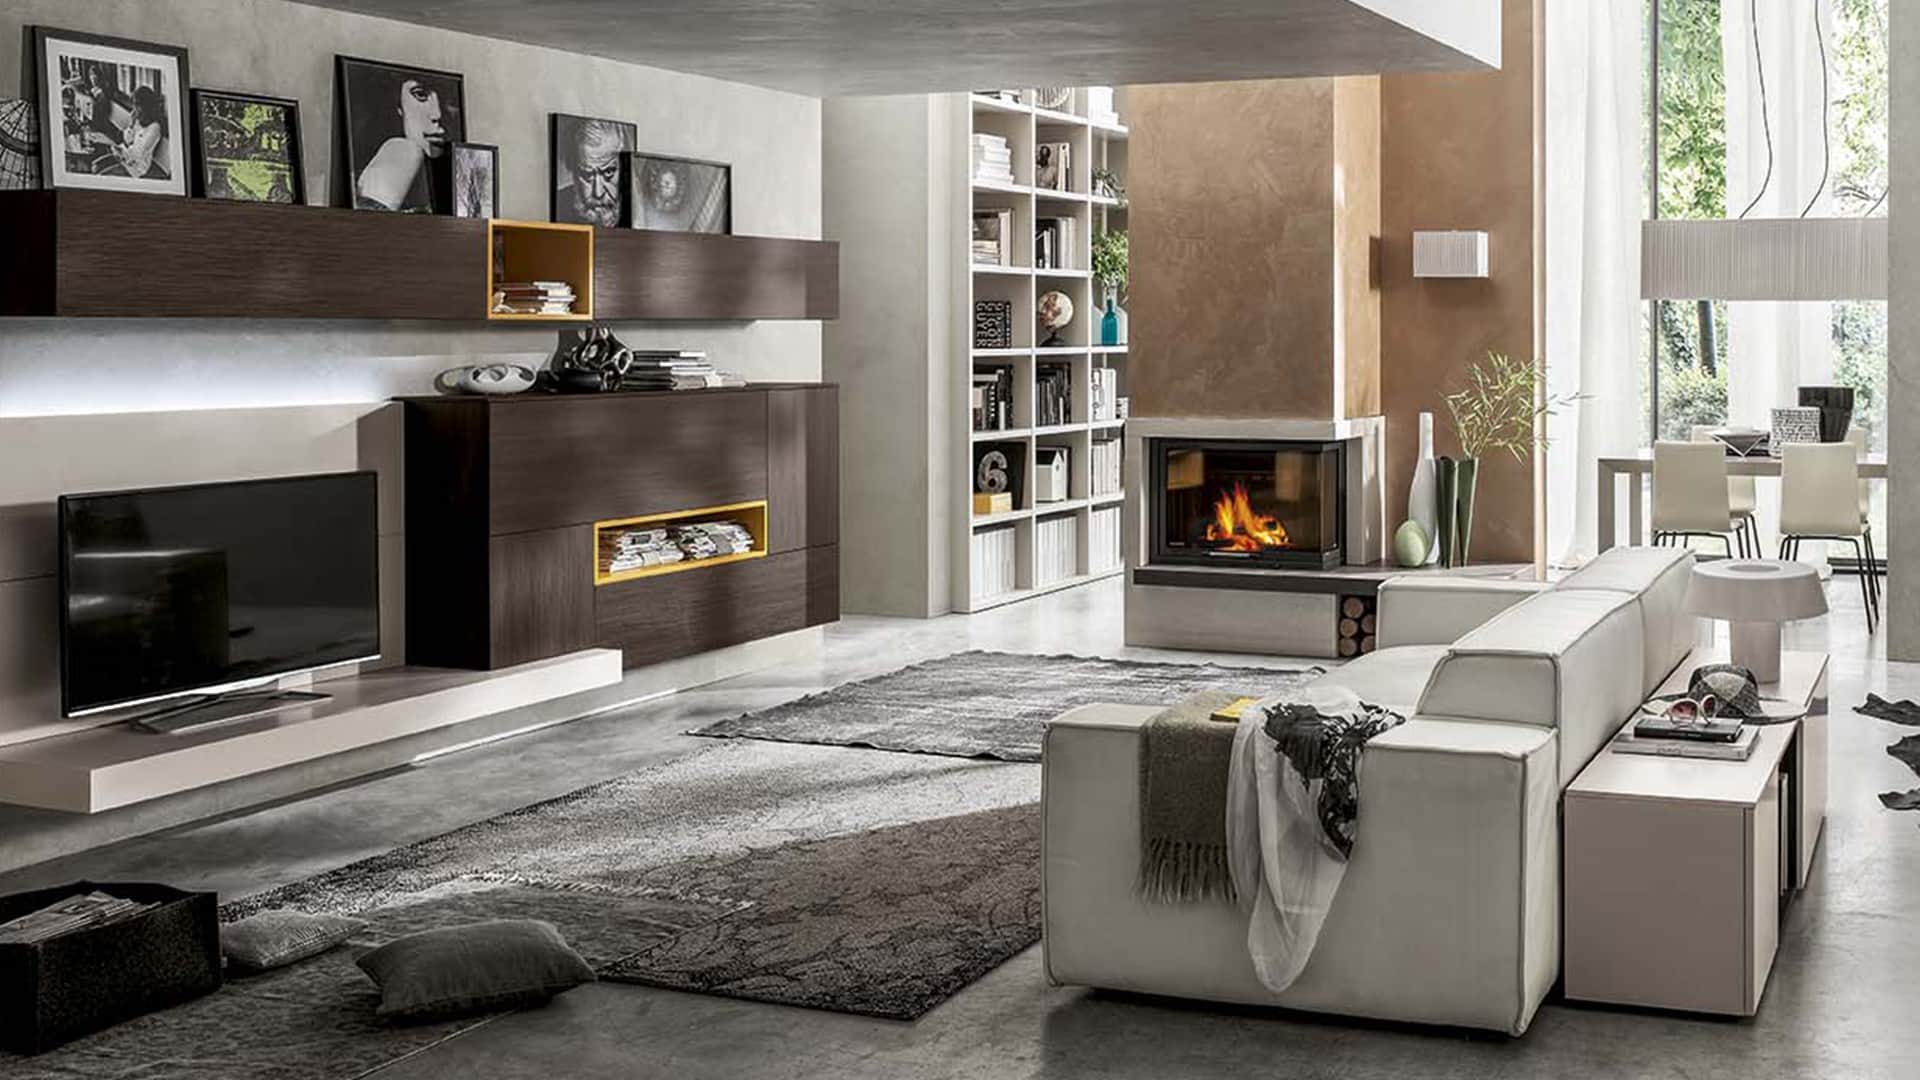 Vendita di mobili per soggiorno a padova mobili da for Idee salotto moderno